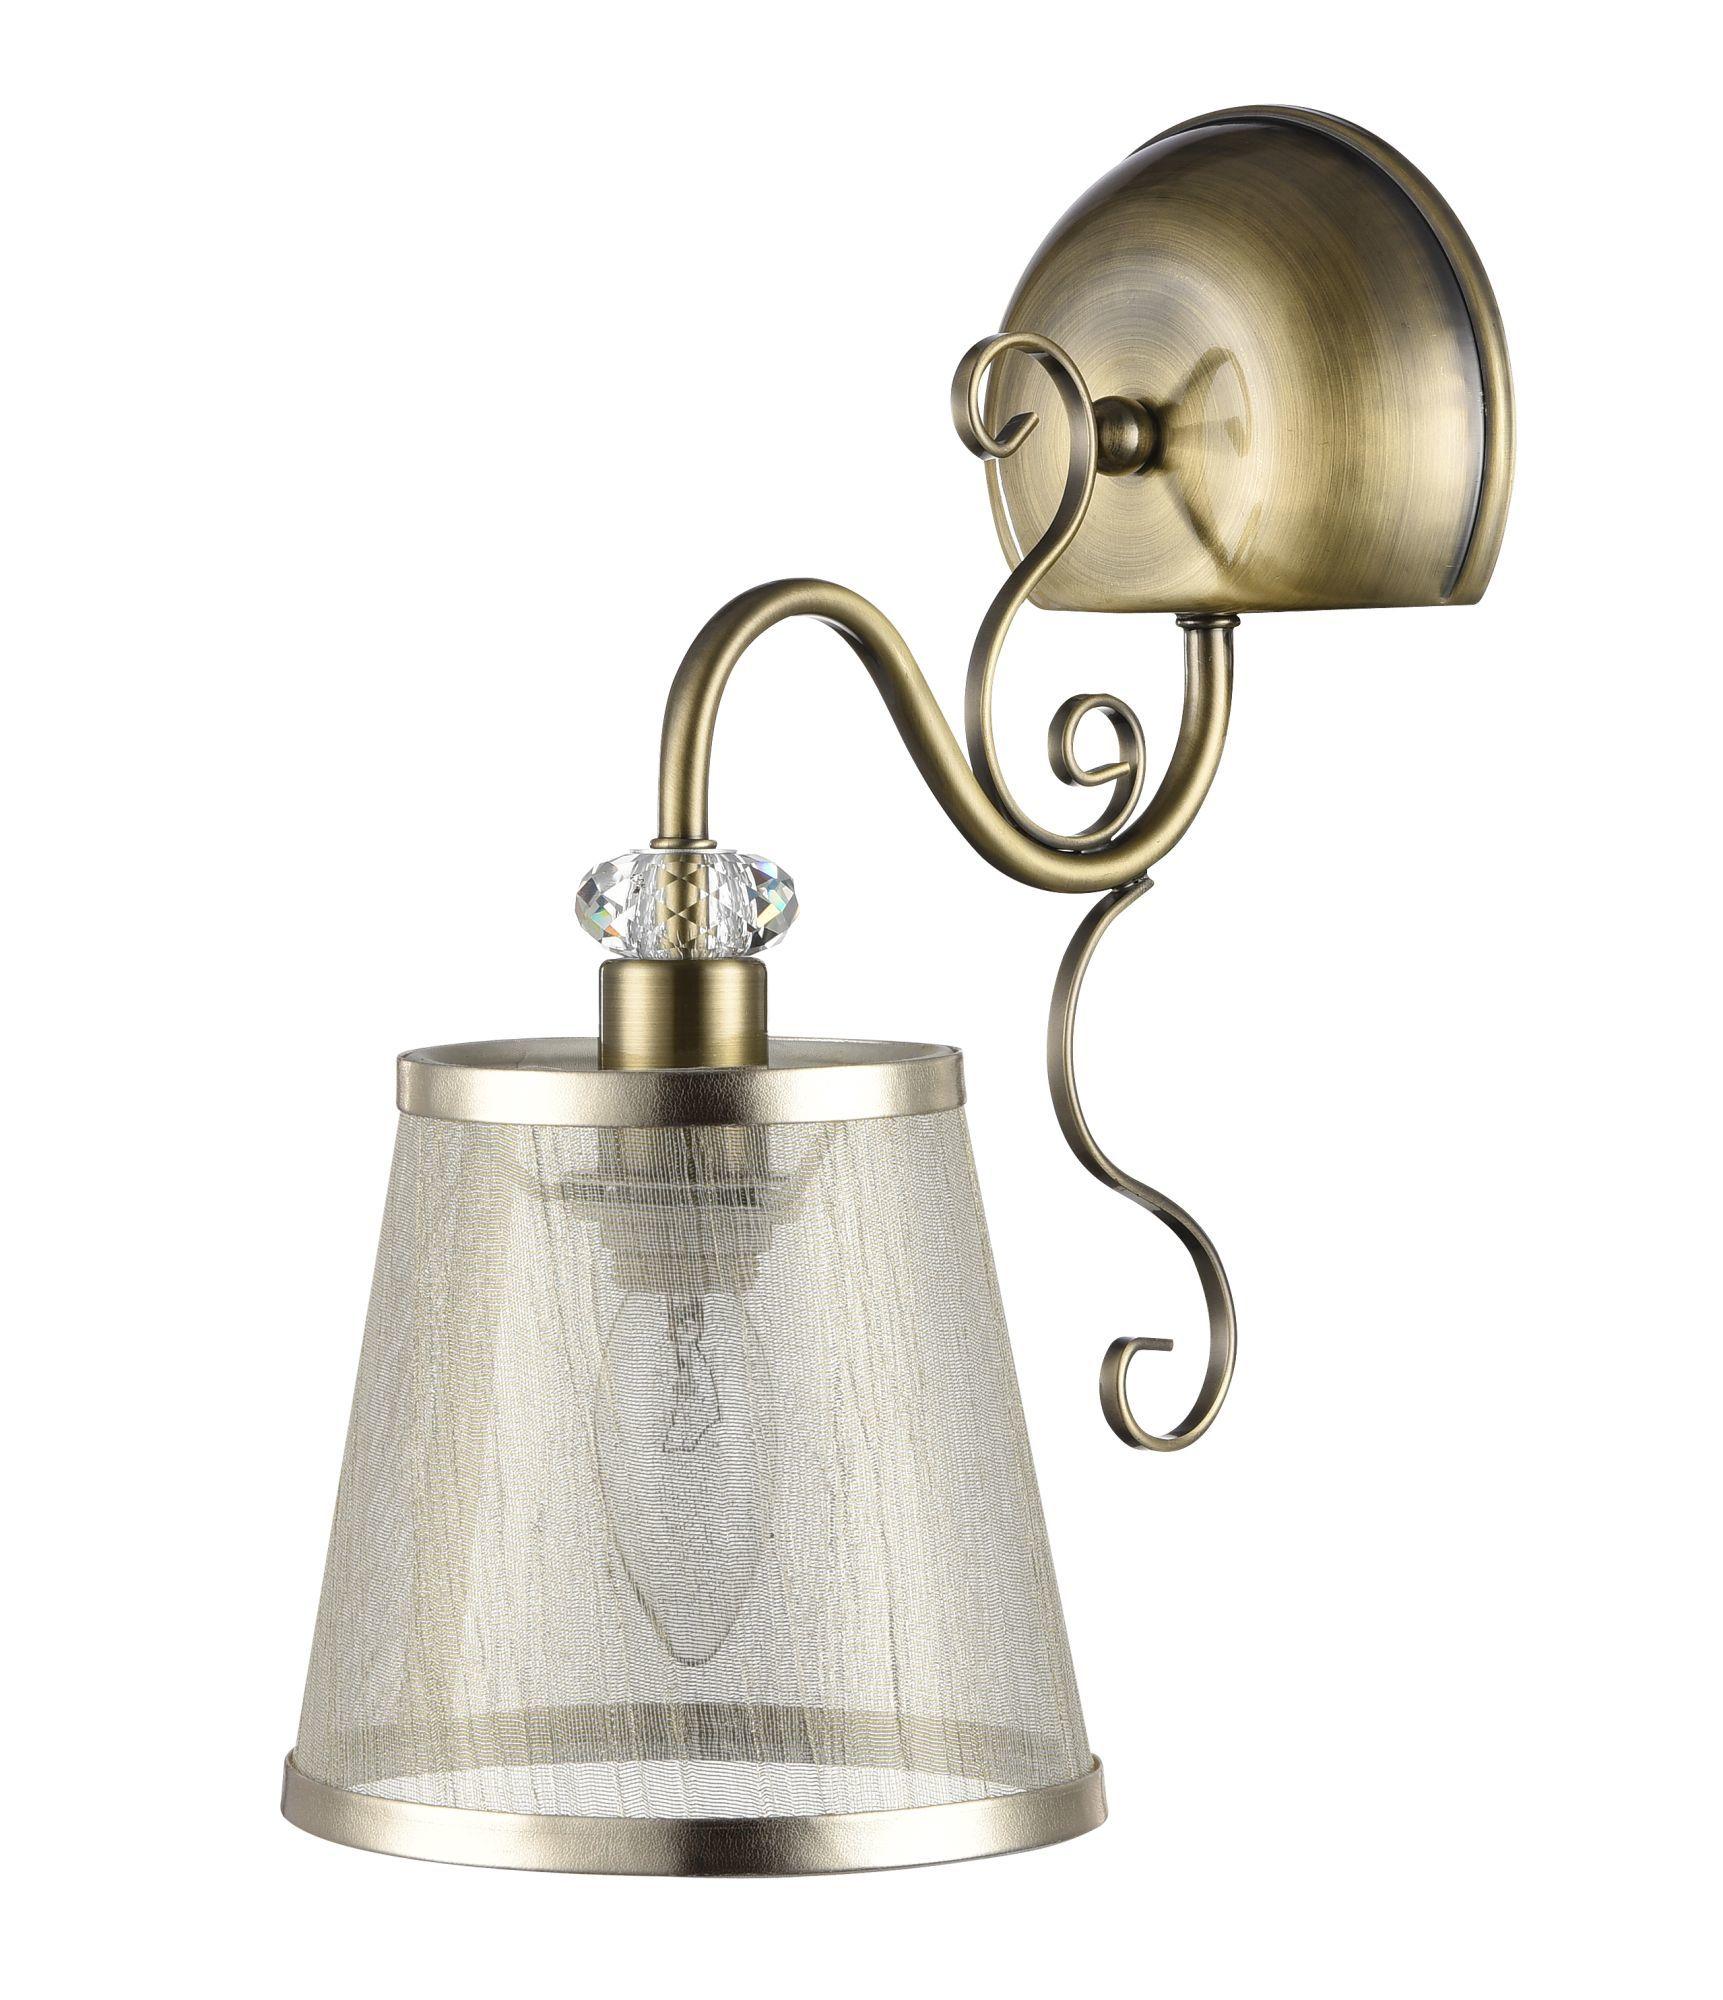 Бра Freya Driana FR2405-WL-01-BZ (fr405-01-r), 1xE14x40W, бронза, прозрачный, металл со стеклом/хрусталем, текстиль - фото 1